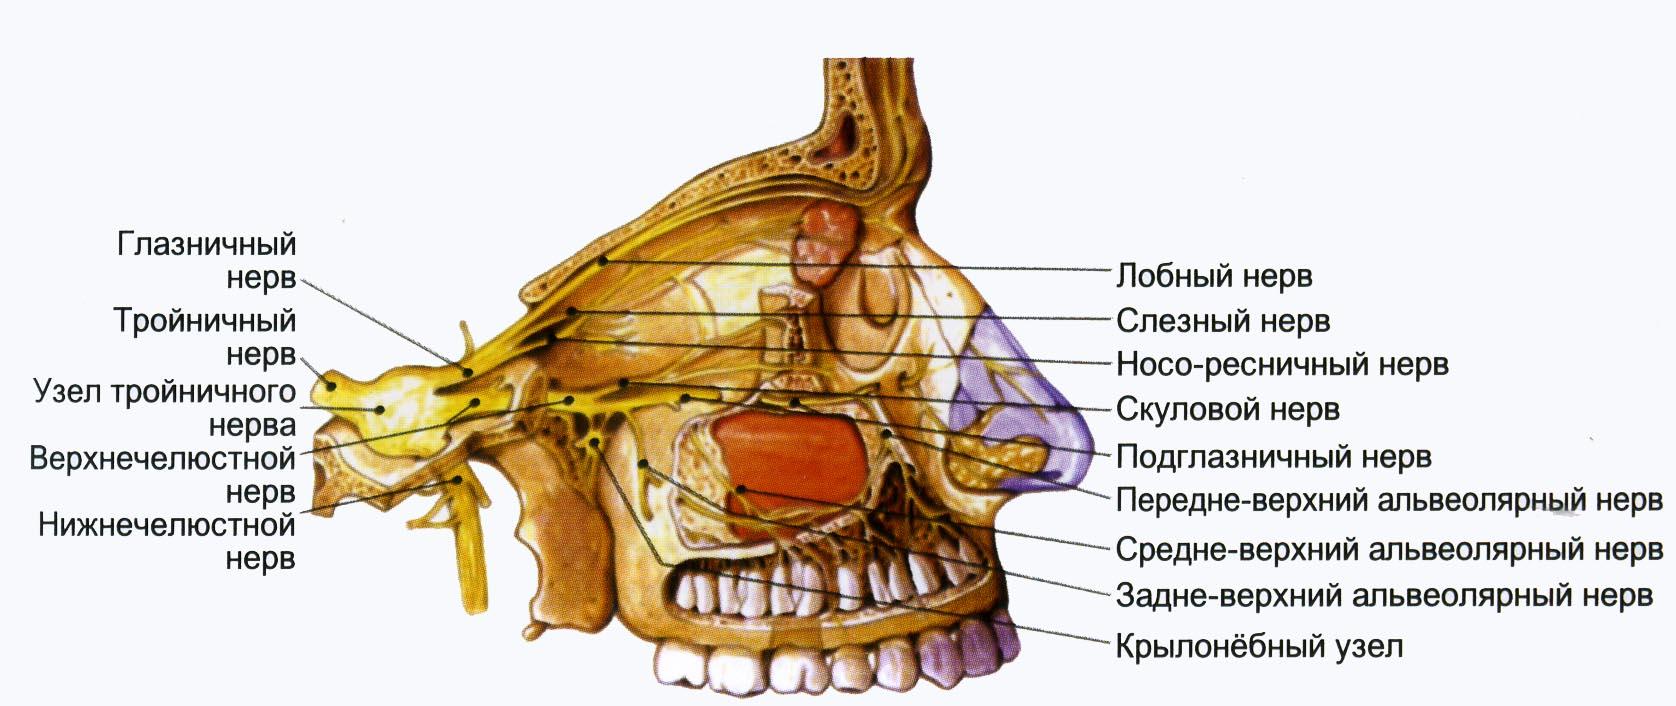 Невралгия крылонебного узла